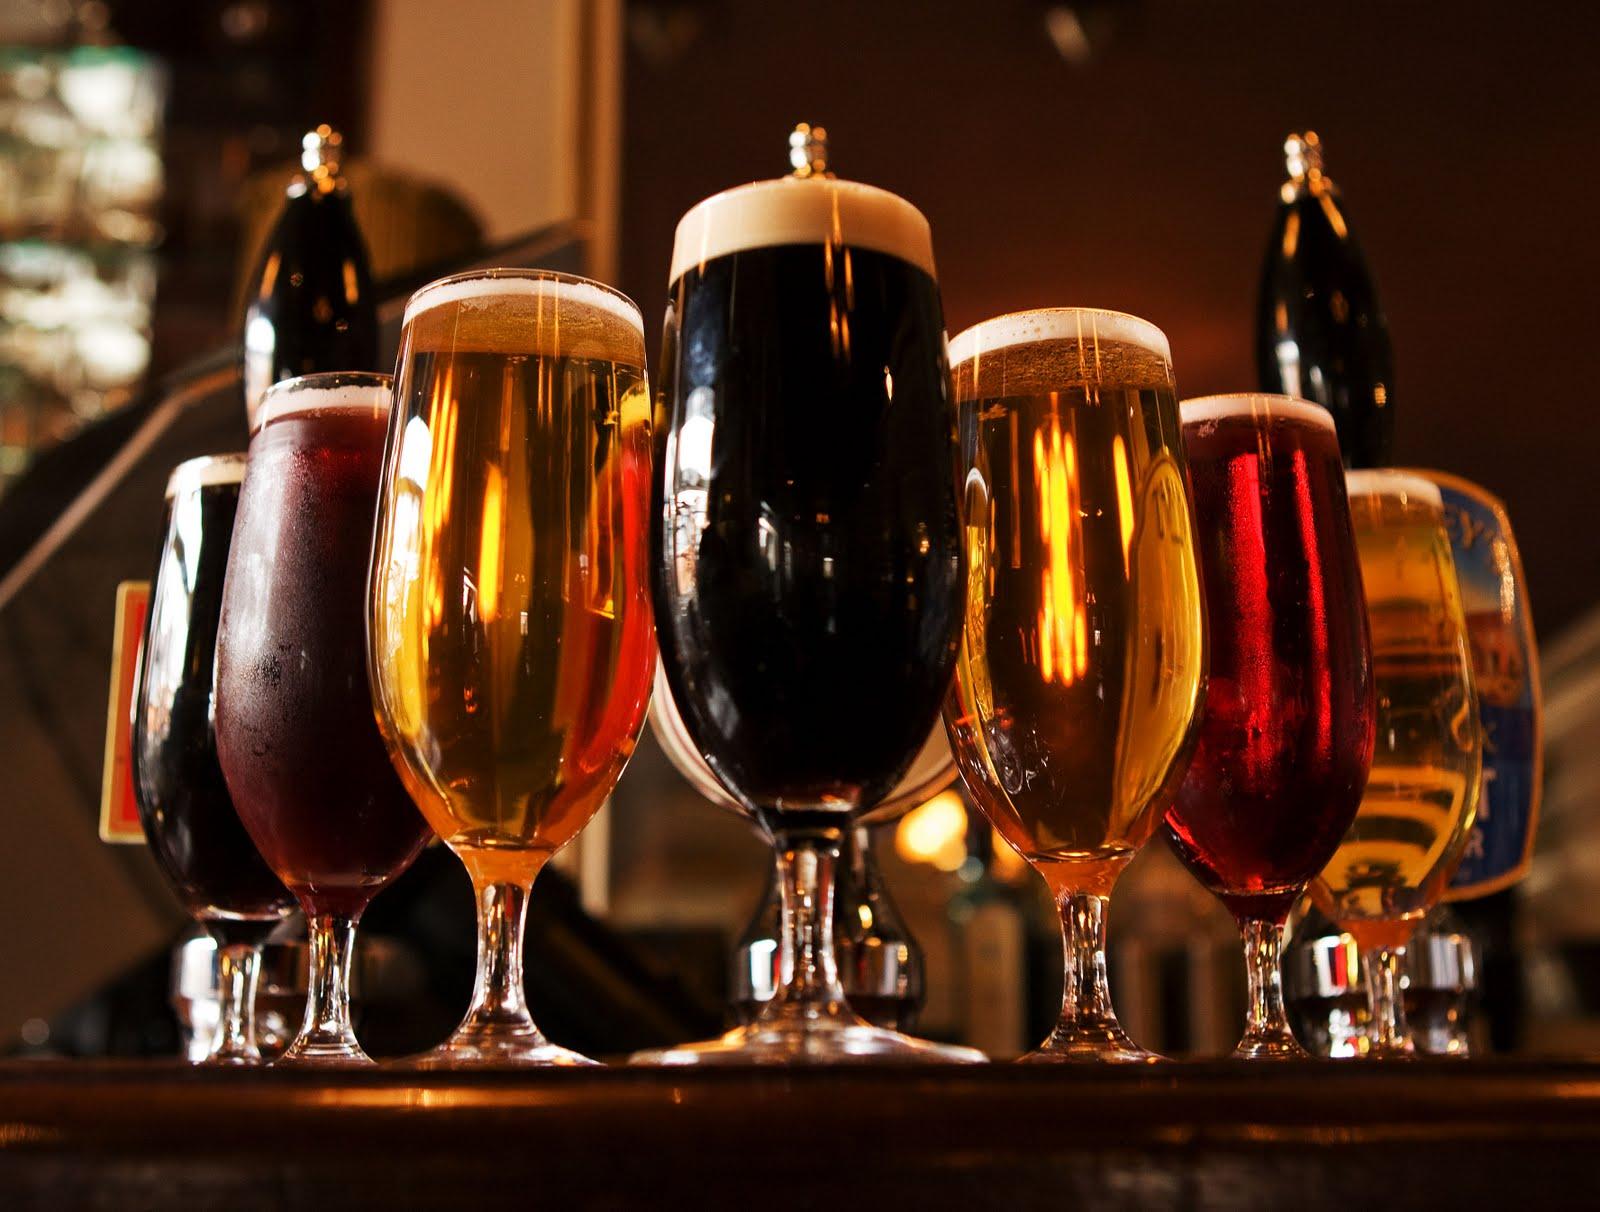 Øl akademiet